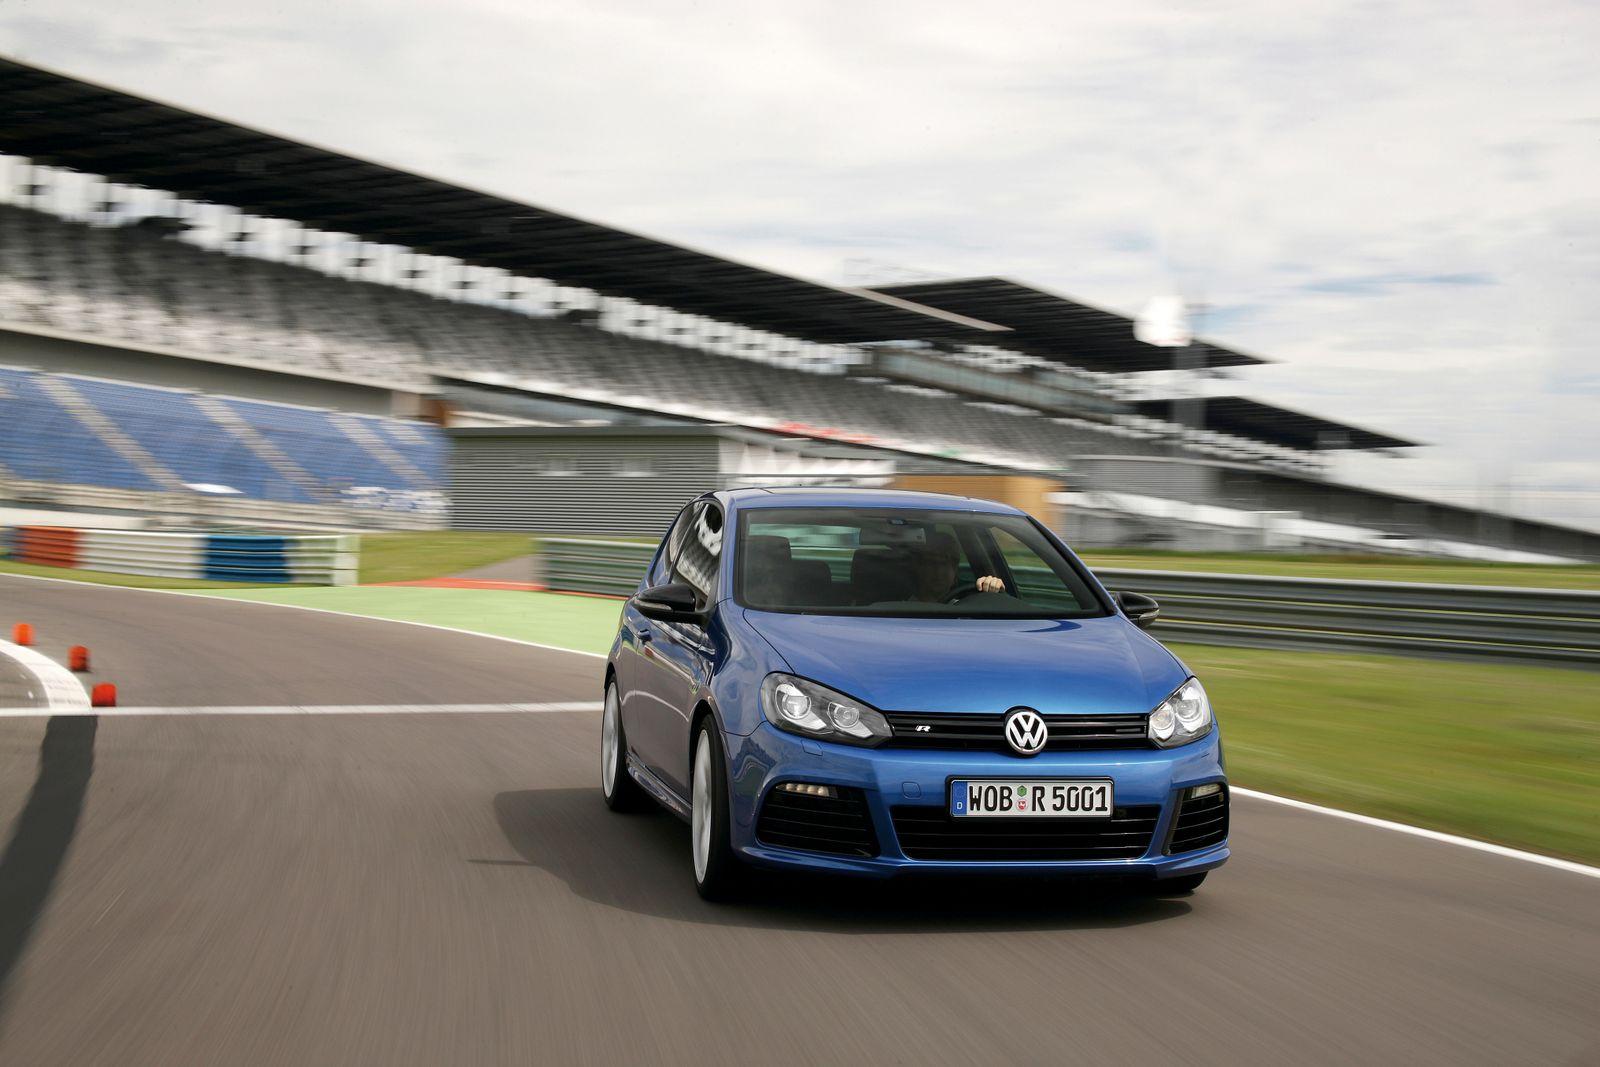 Volkswagen Golf R / VW / blau / Rennstrecke